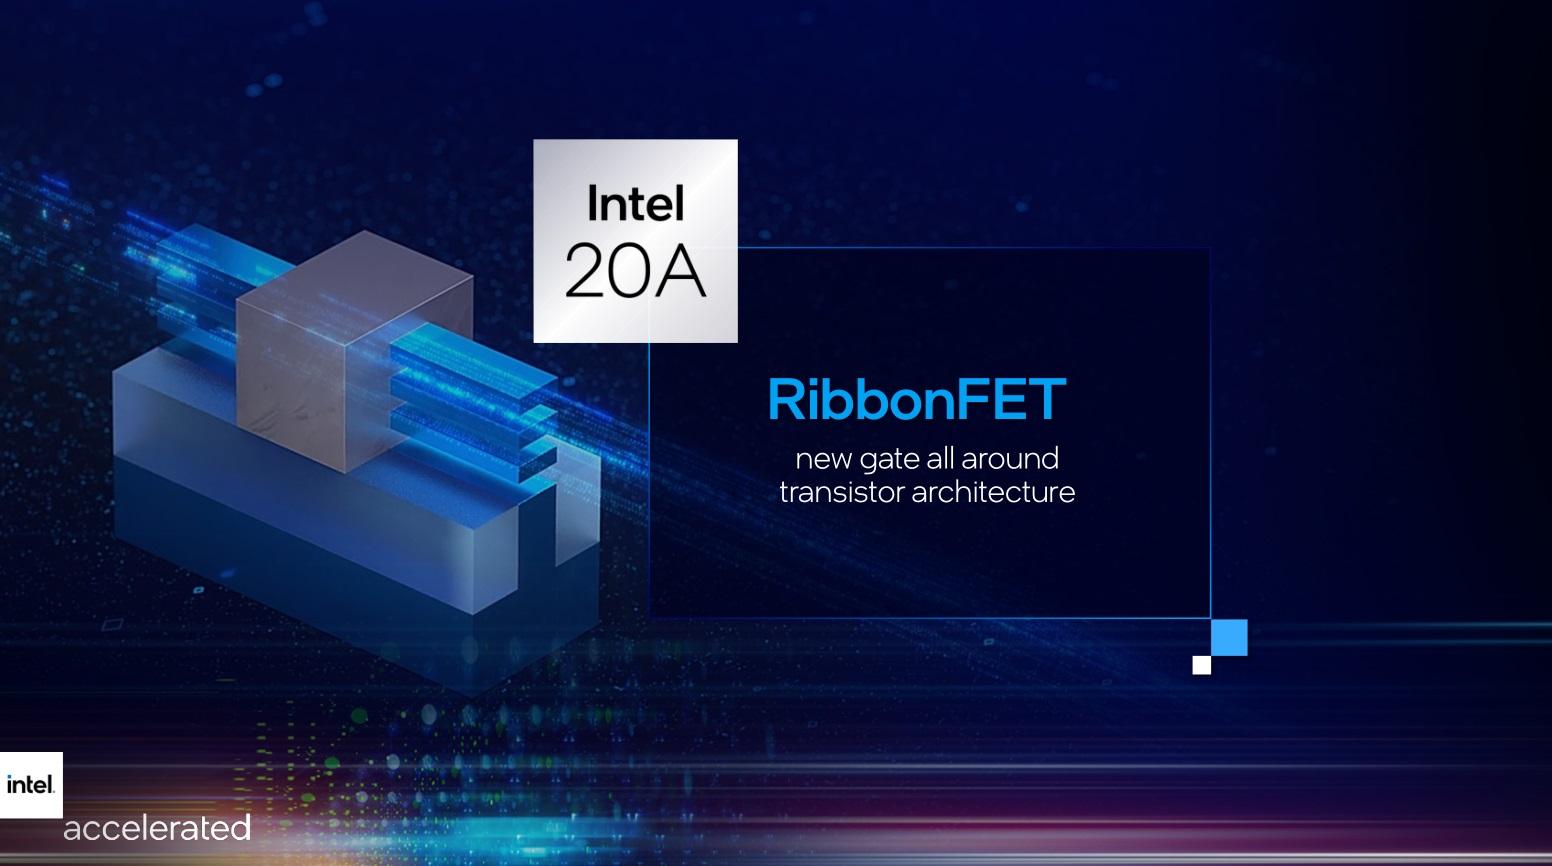 Intel Foundry Services будет выпускать микросхемы для Qualcomm по технологии 20A